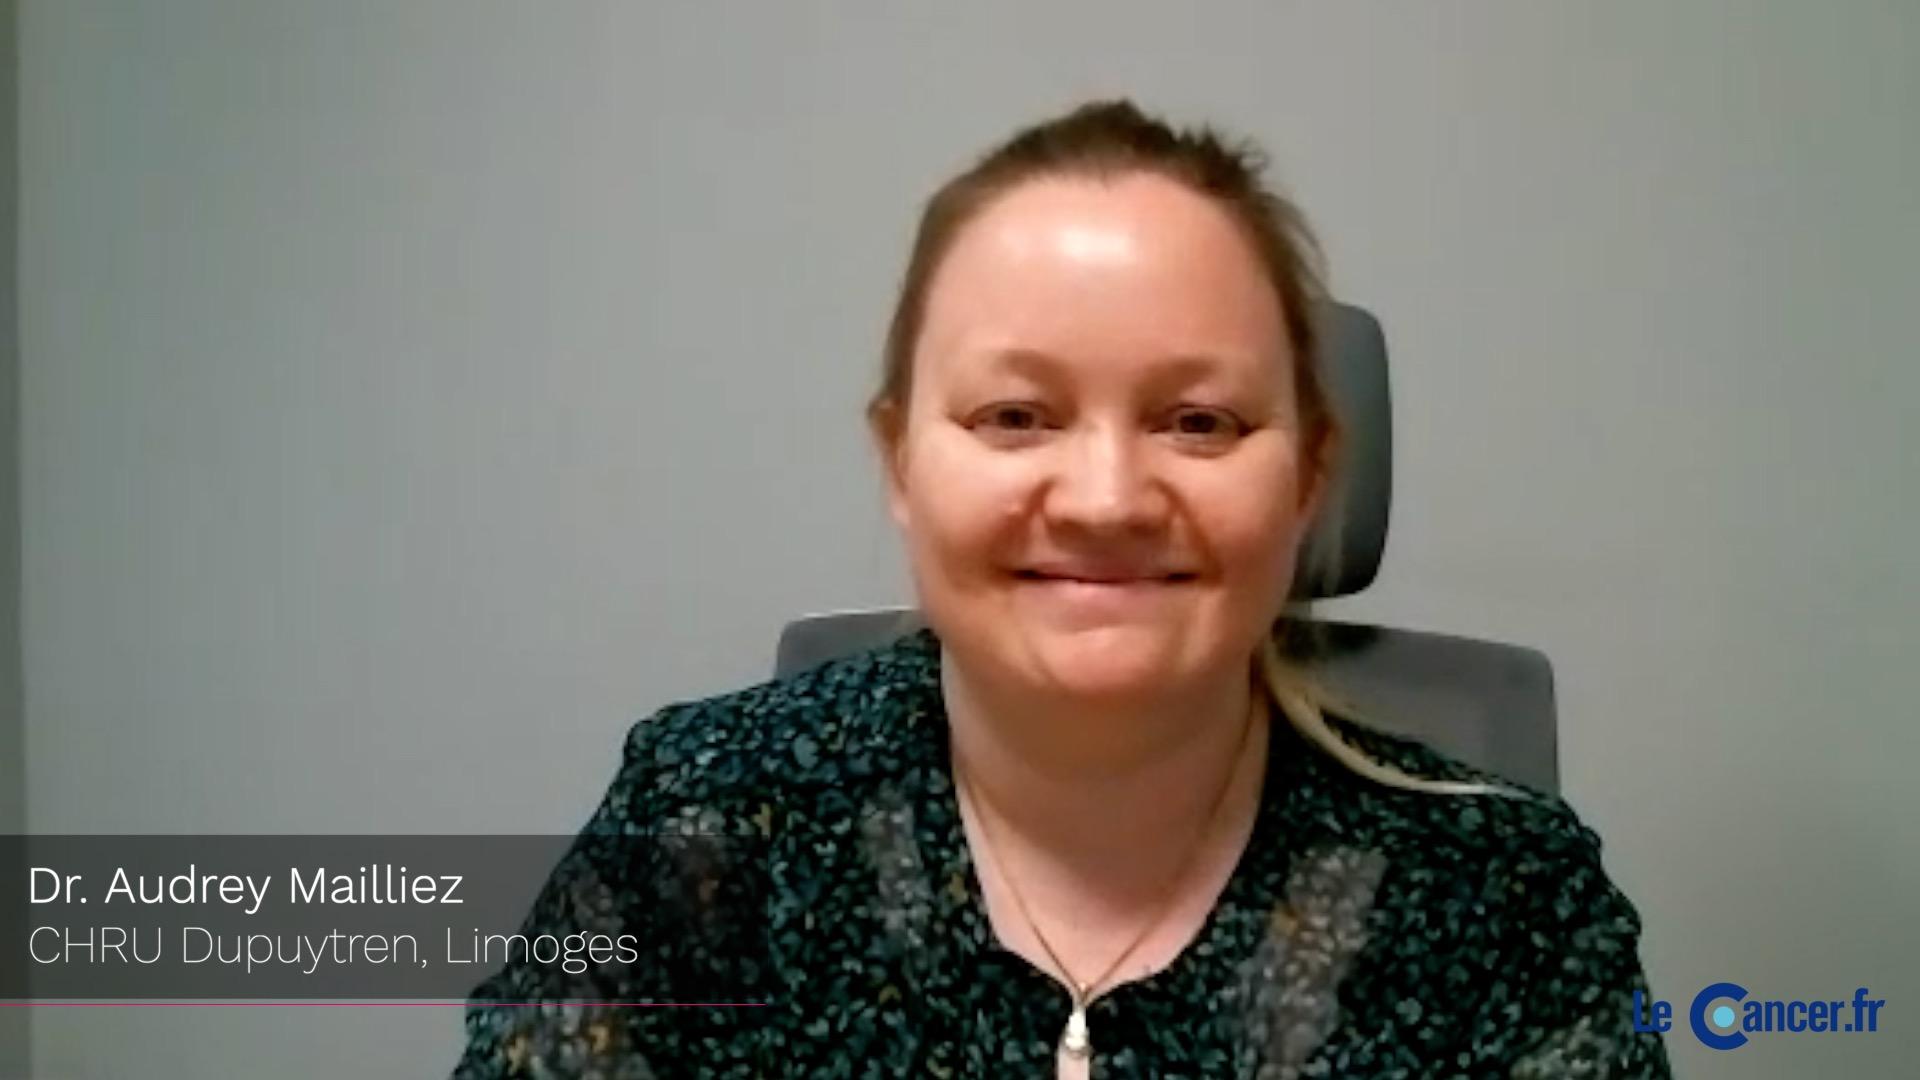 Dr Audrey Mailliez Capture